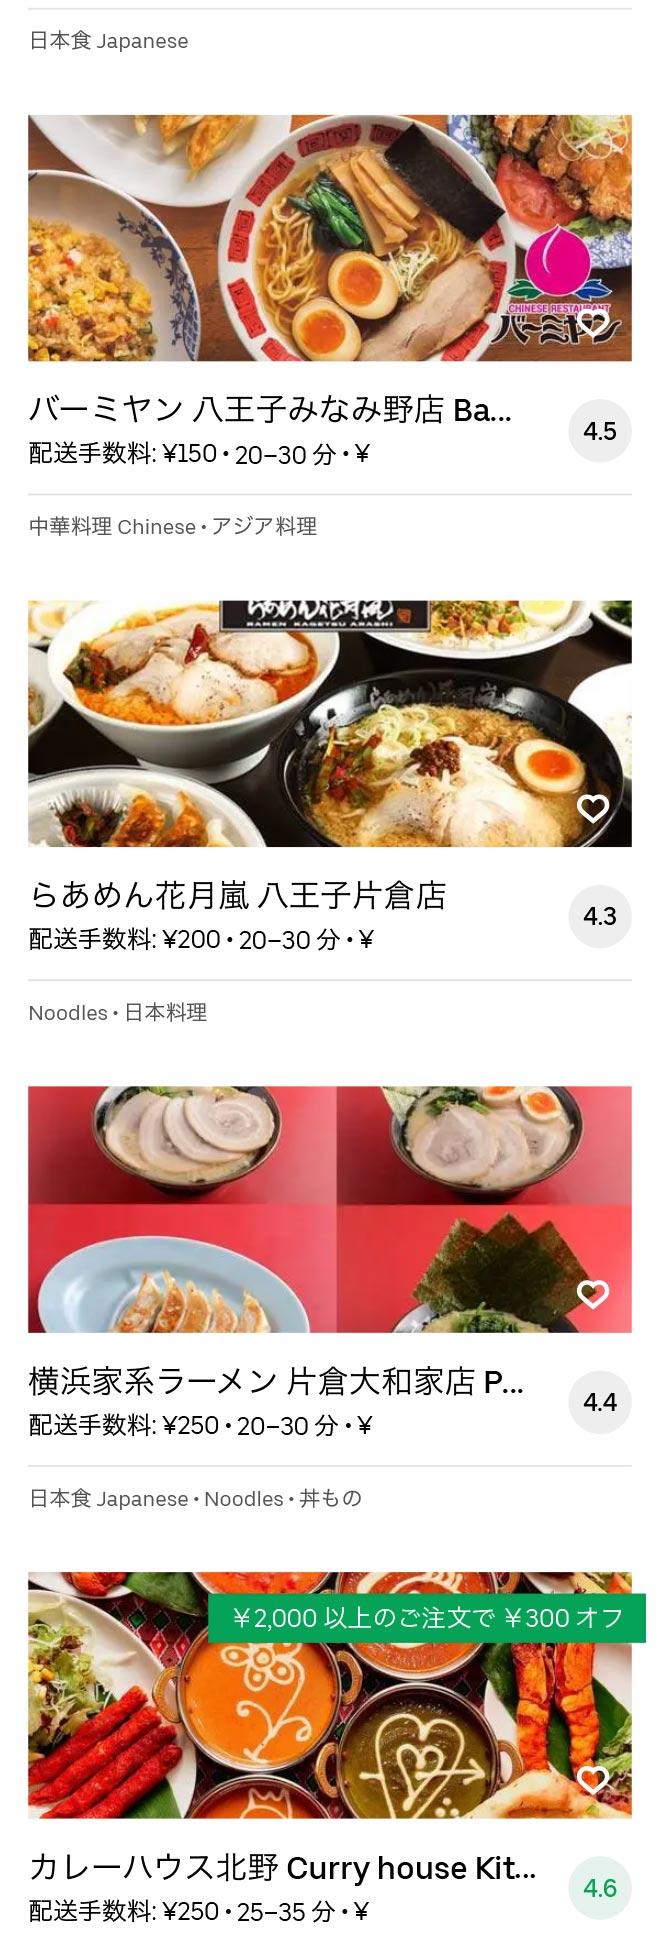 Hatioji minamino menu 2010 02